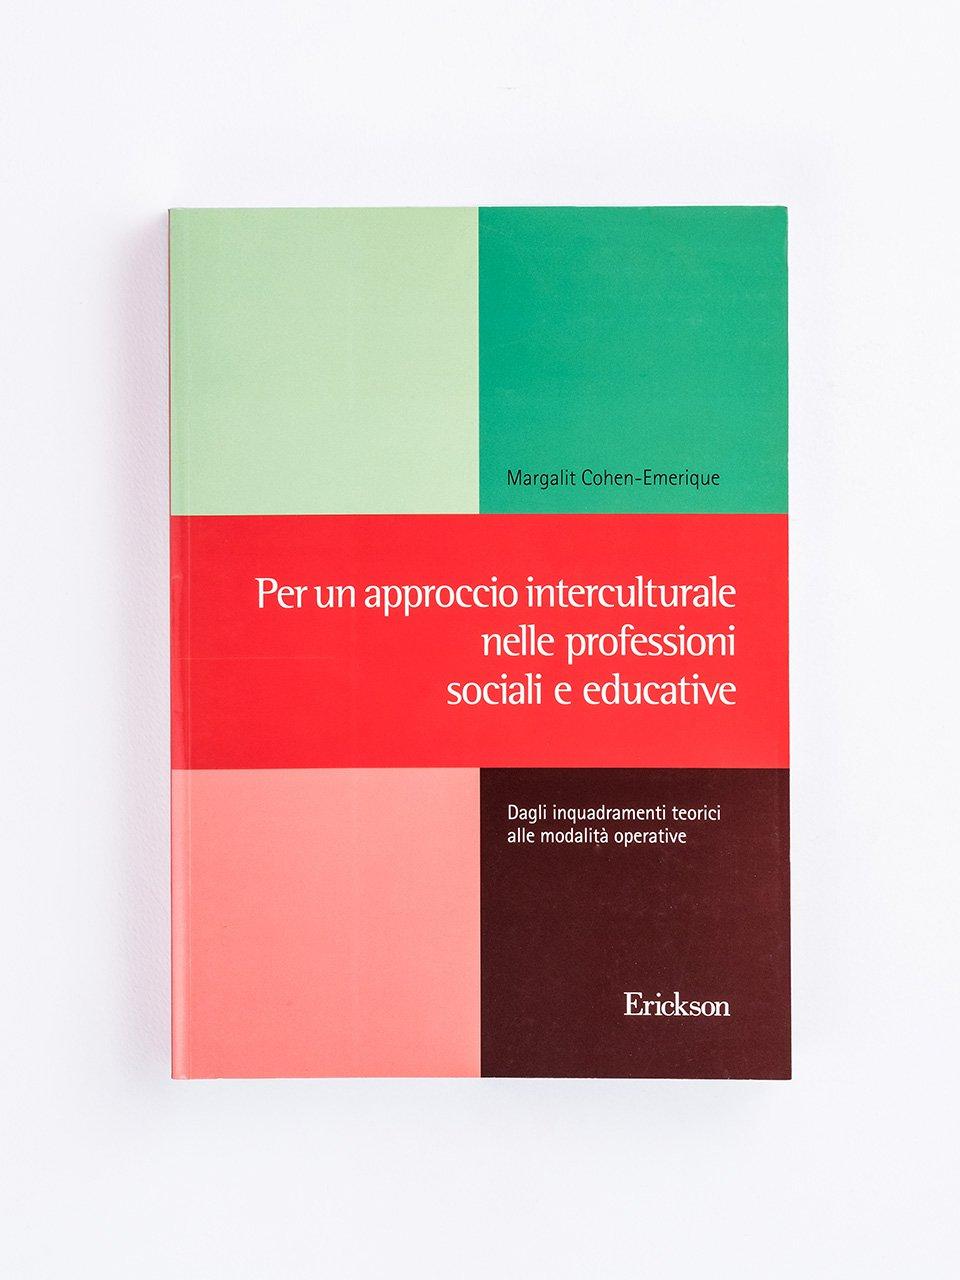 Per un approccio interculturale nelle professioni sociali e educative - Lavoro sociale - Riviste - Erickson